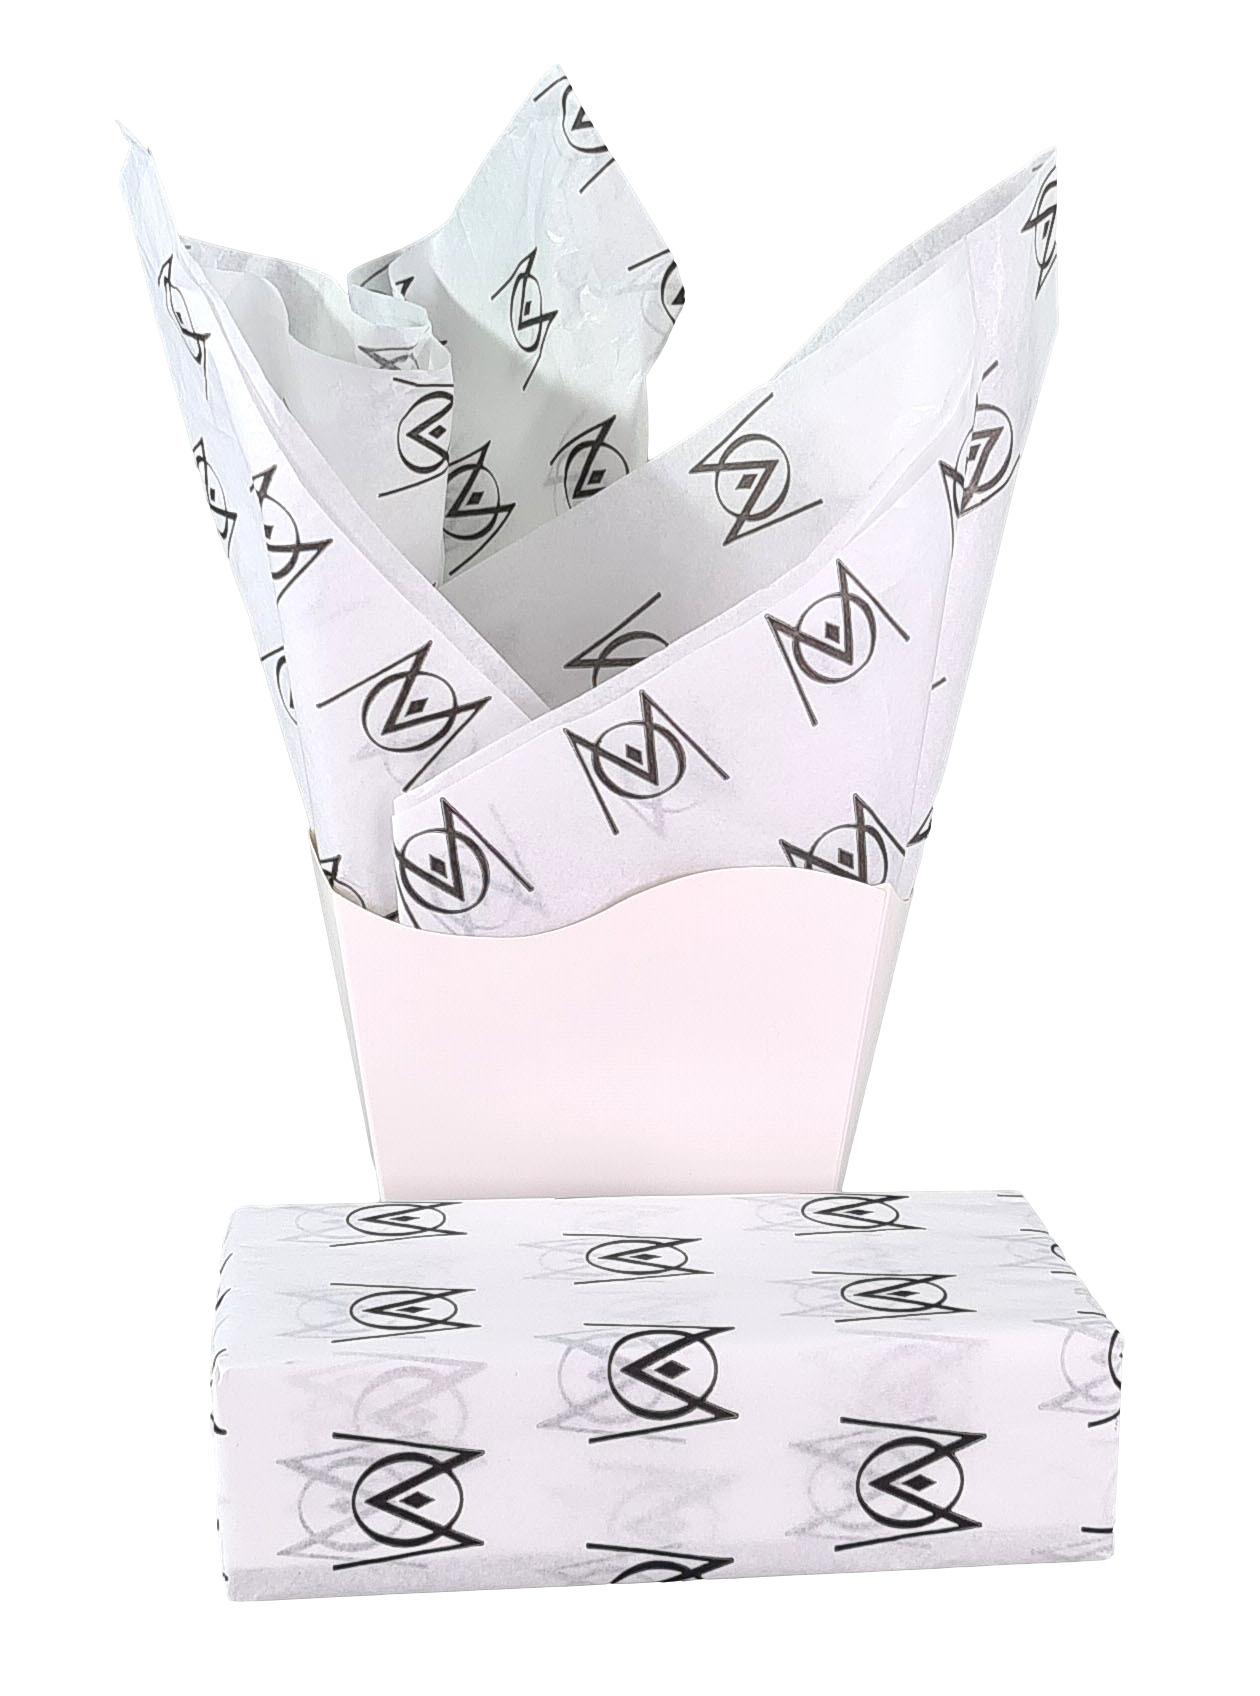 Papel de Seda Personalizado 20g/m - Tamanho 50 x 70 - Linha paper  7669  - Litex Embalagens